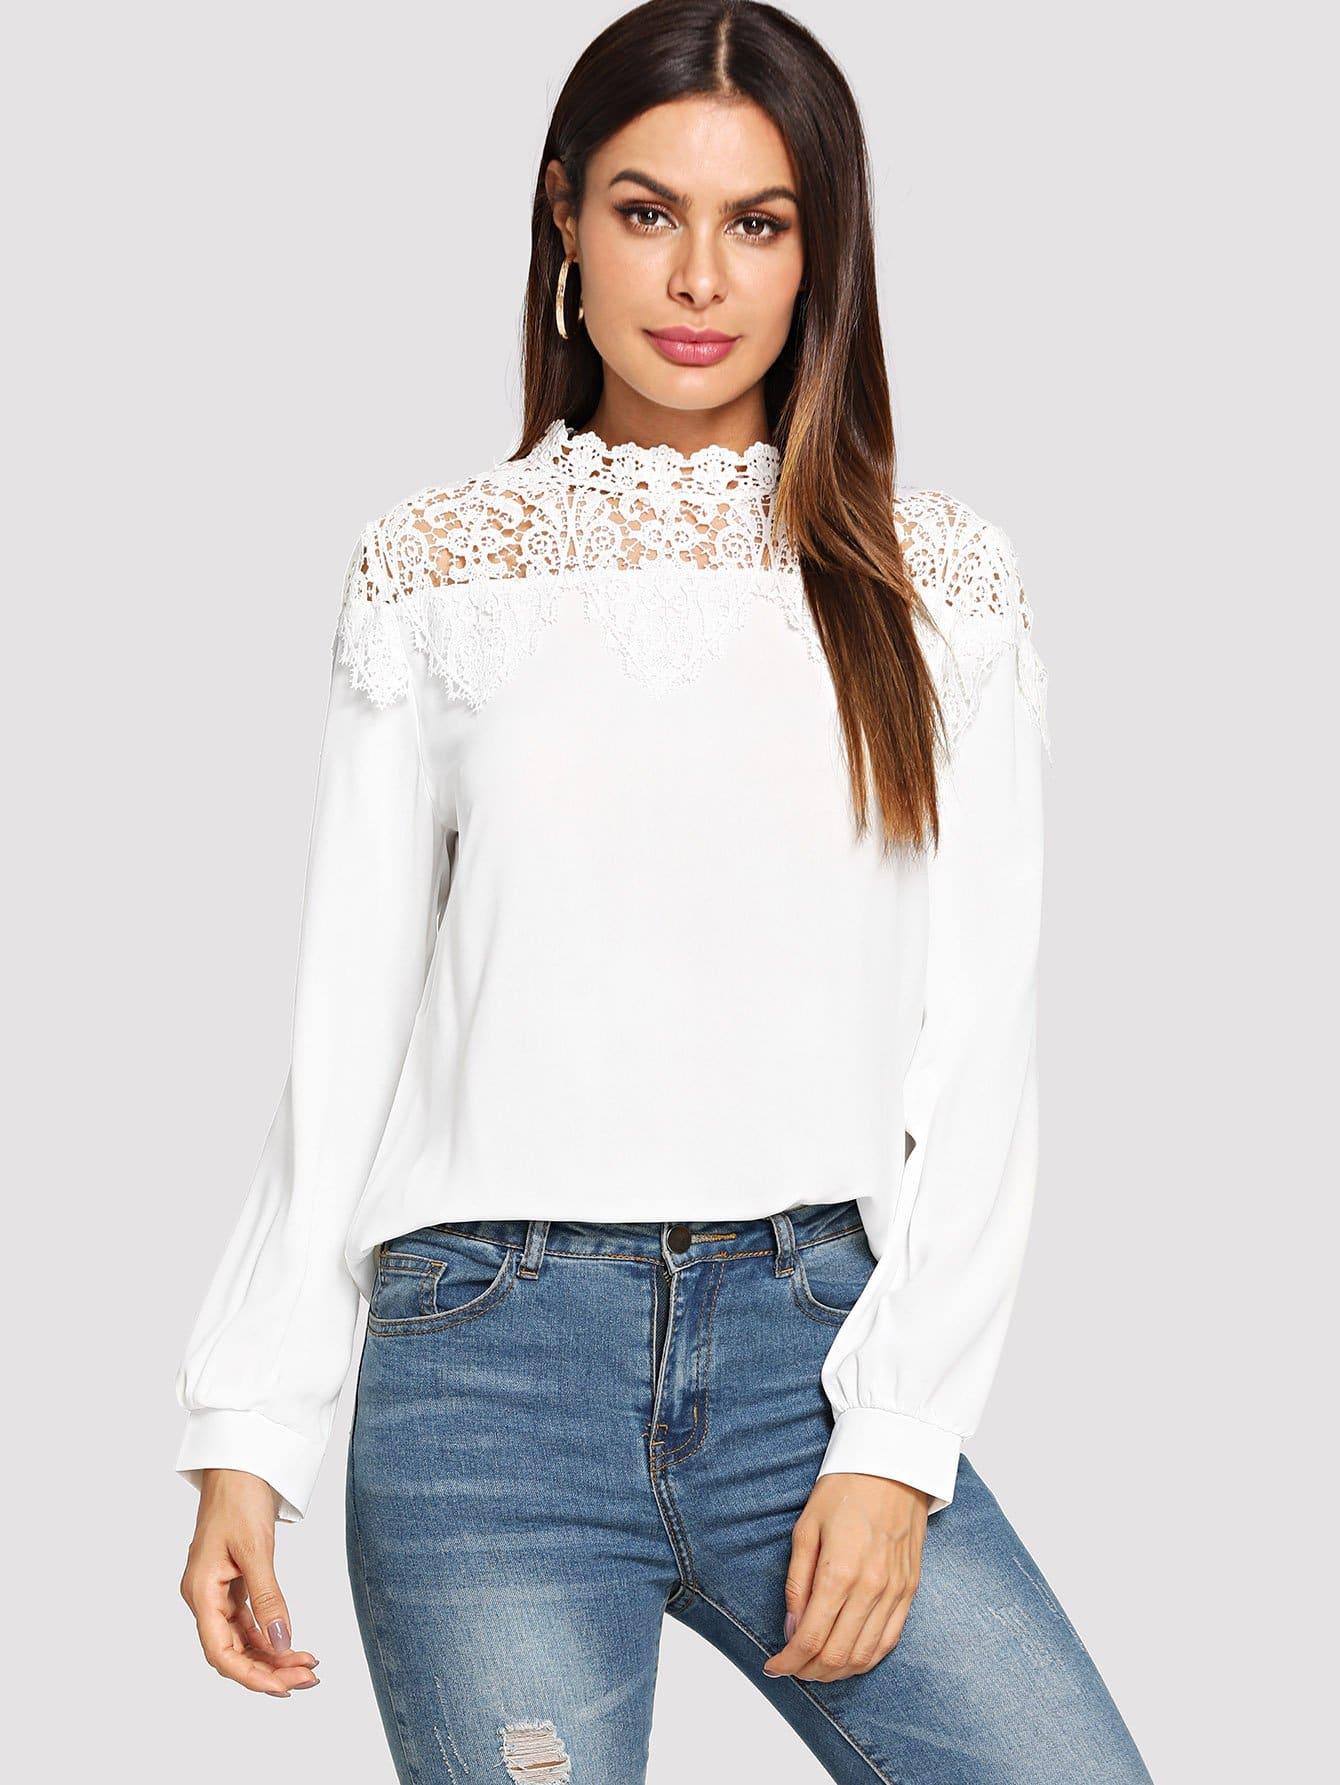 Купить Простая рубашка со симметрическими кружевами, Andy, SheIn